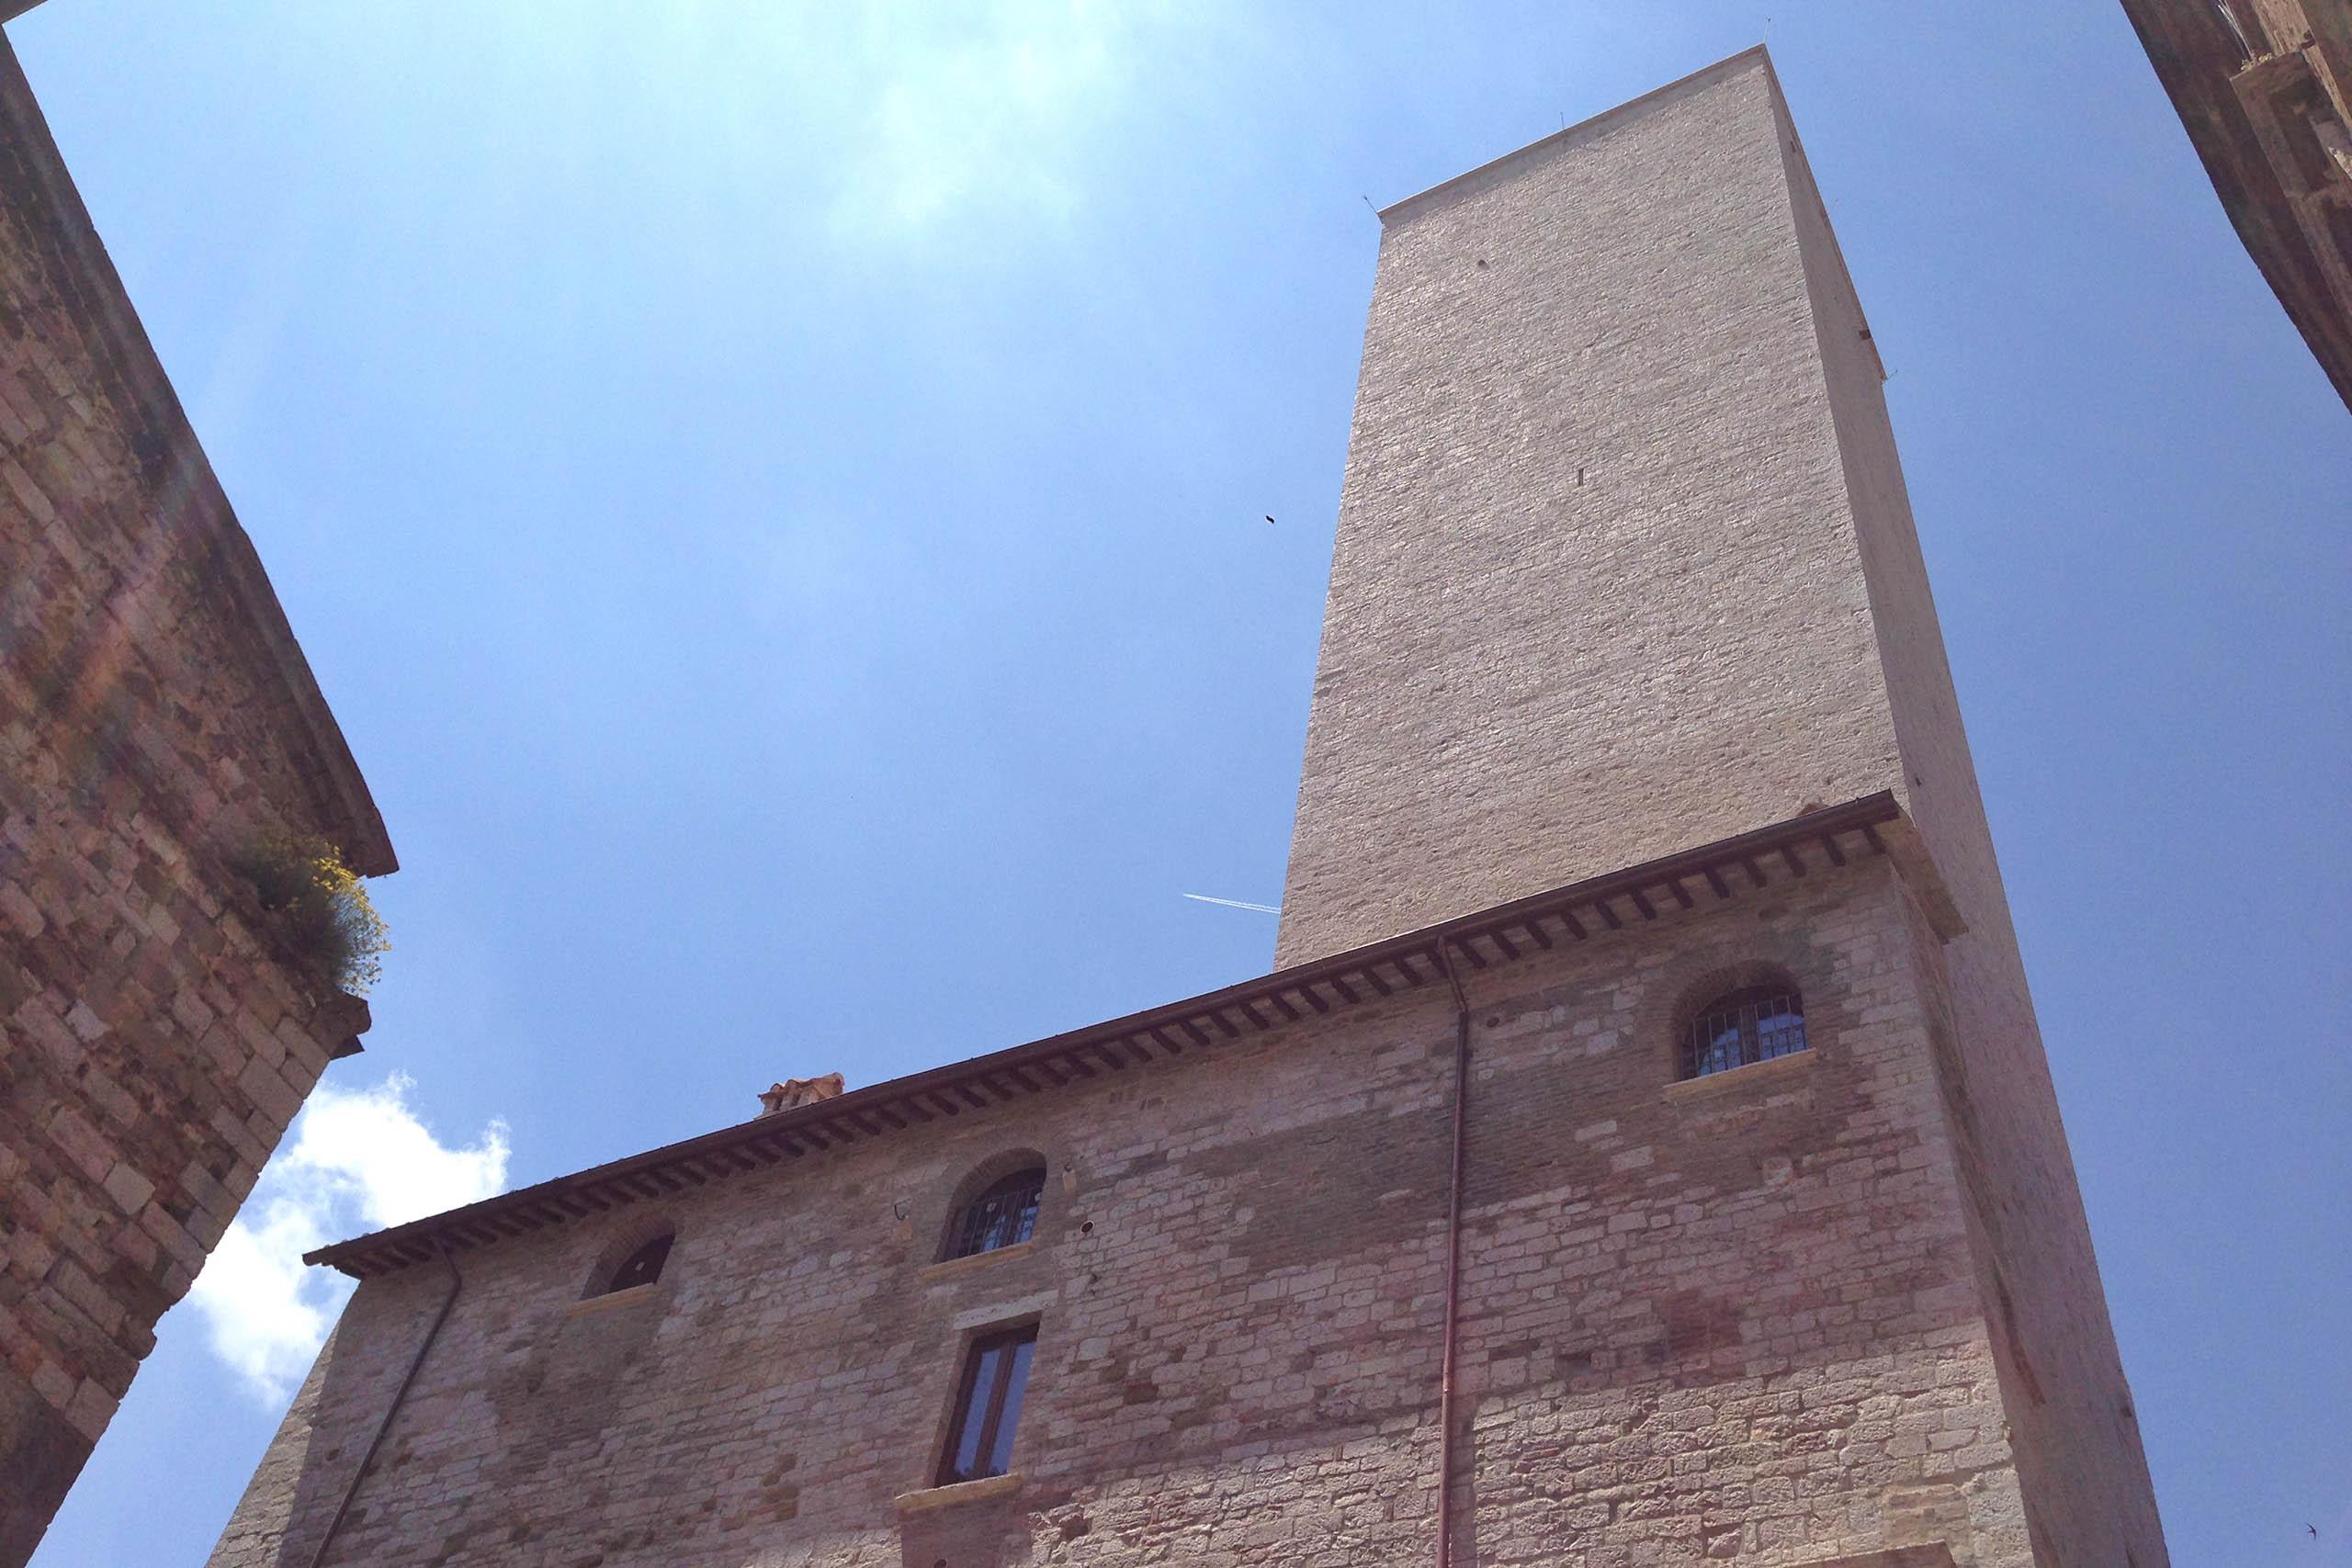 Torre degli Sciri - Articity